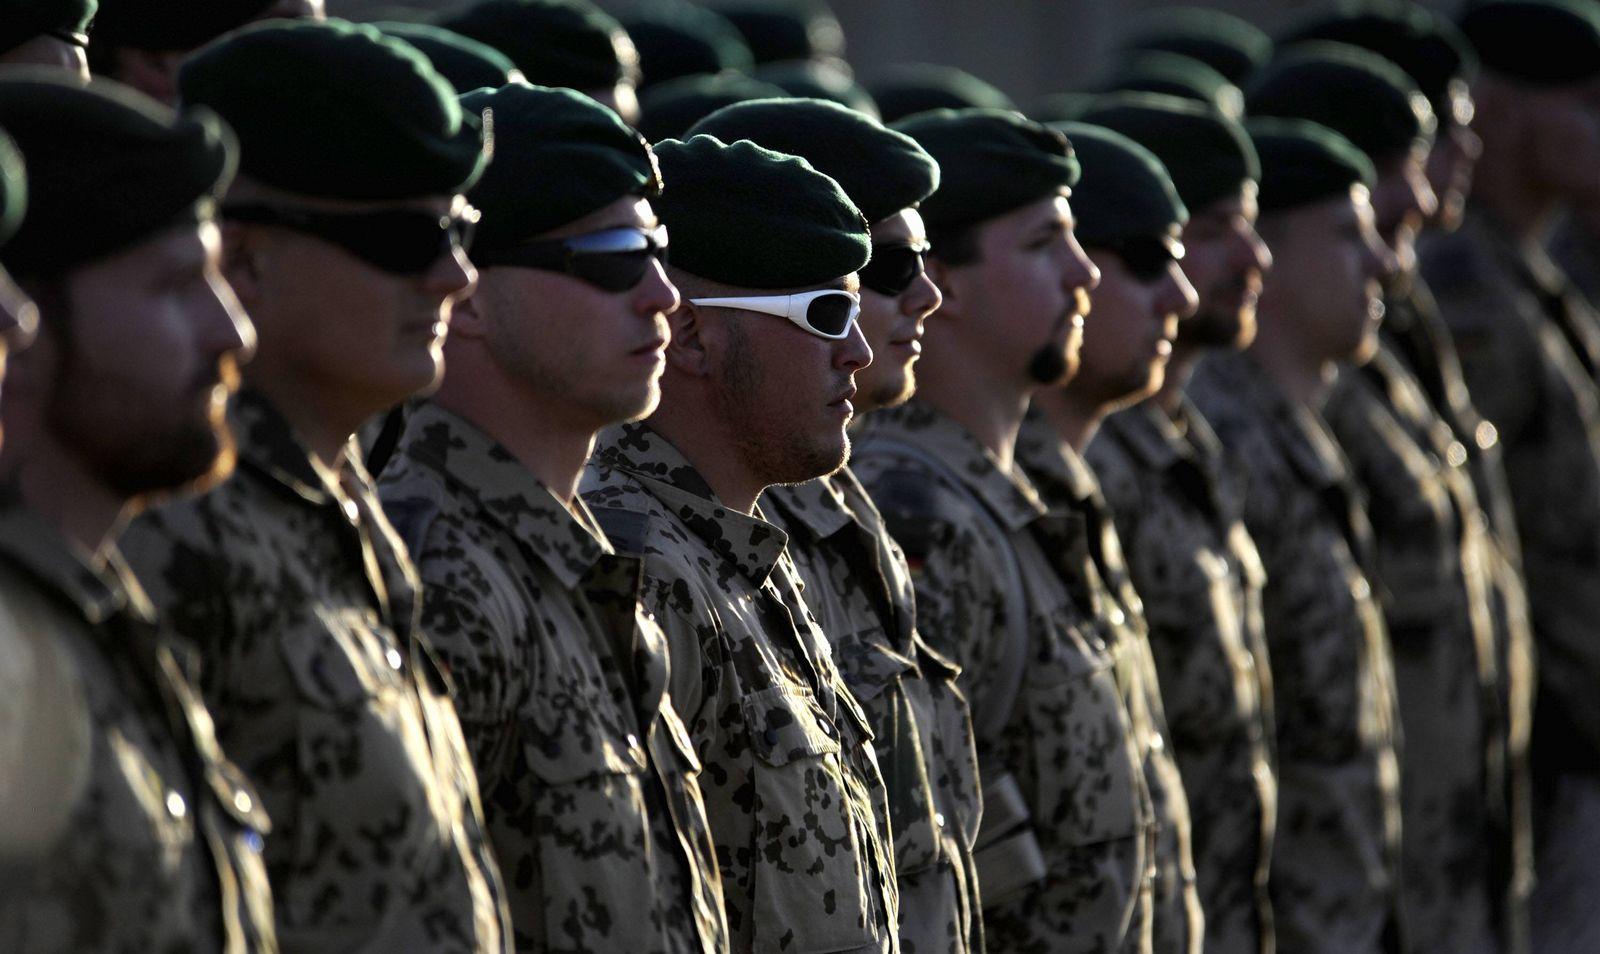 NICHT VERWENDEN Afghanistan / Bundeswehreinsatz